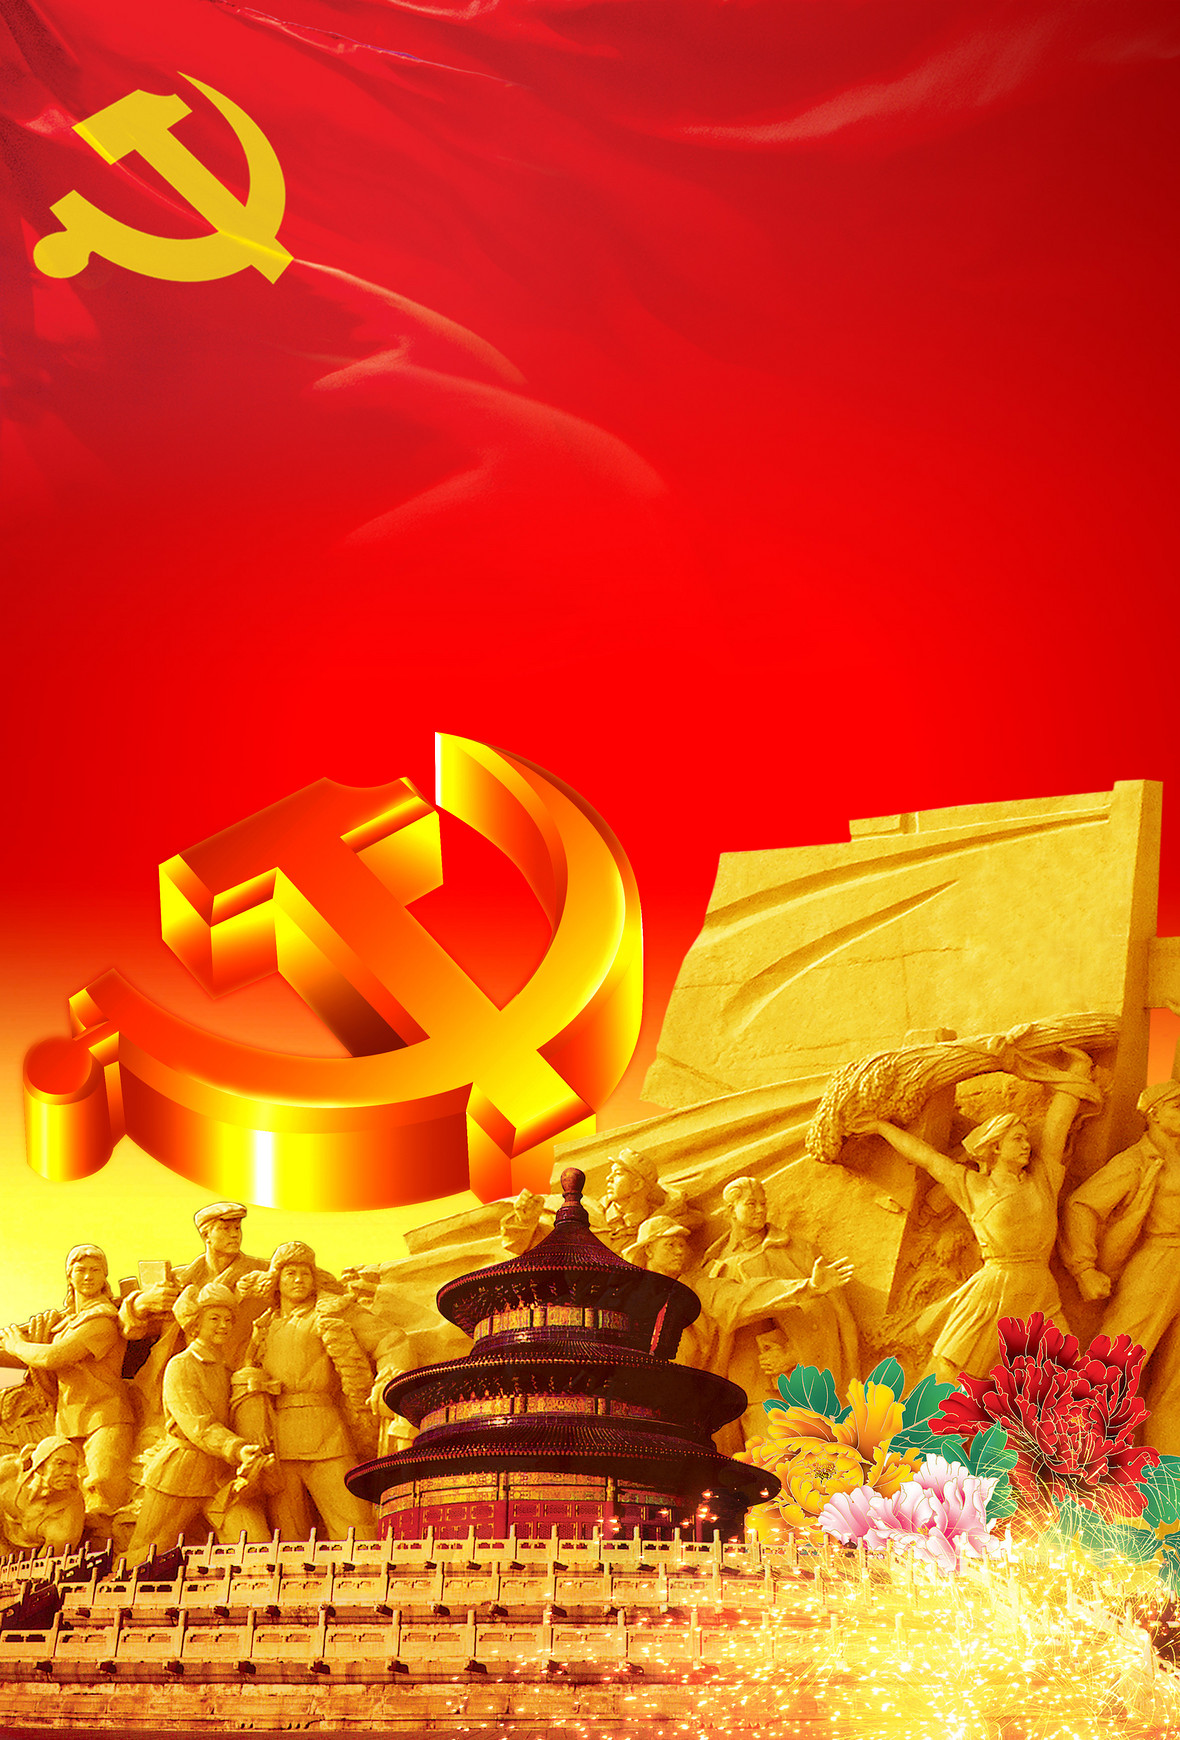 中国共产党建党周年海报背景素材